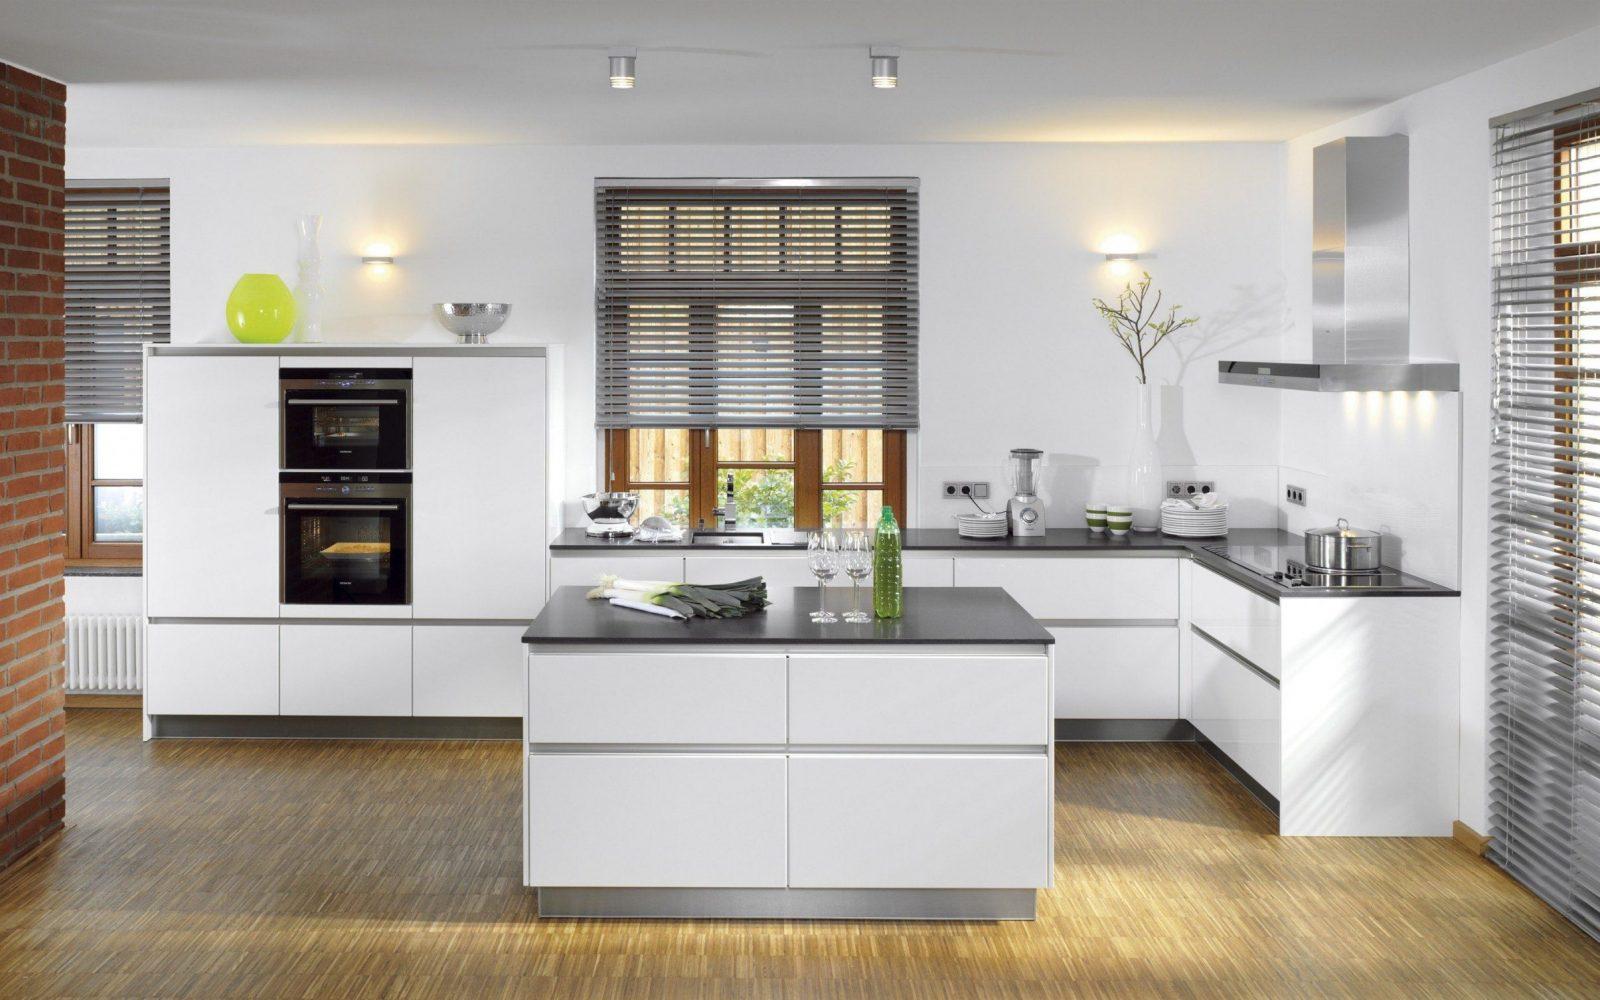 Offene Küche Wohnzimmer Abtrennen | Haus Design Ideen